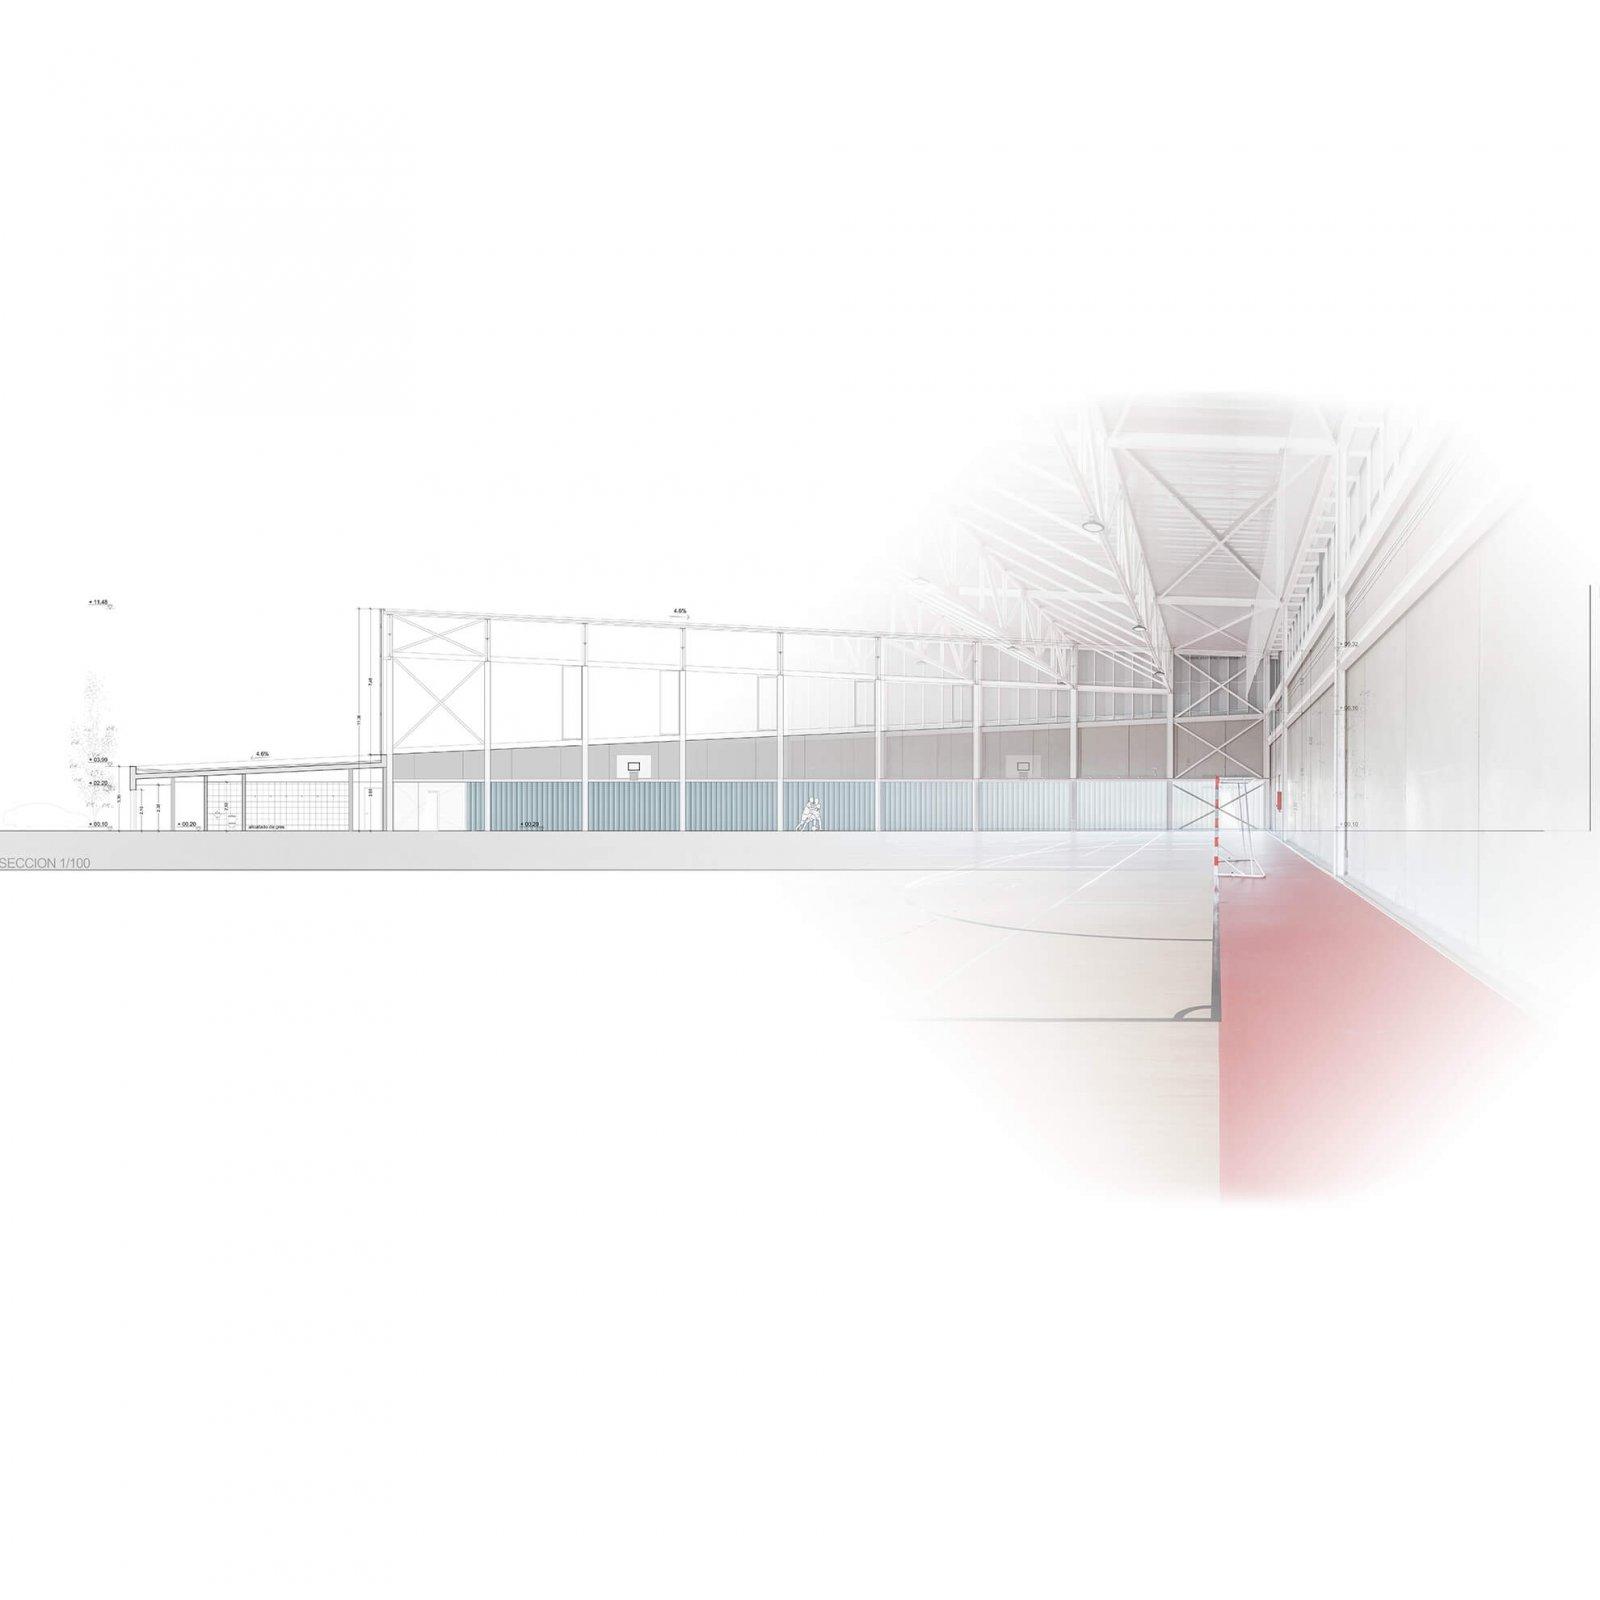 Pavilion Son Ferragut